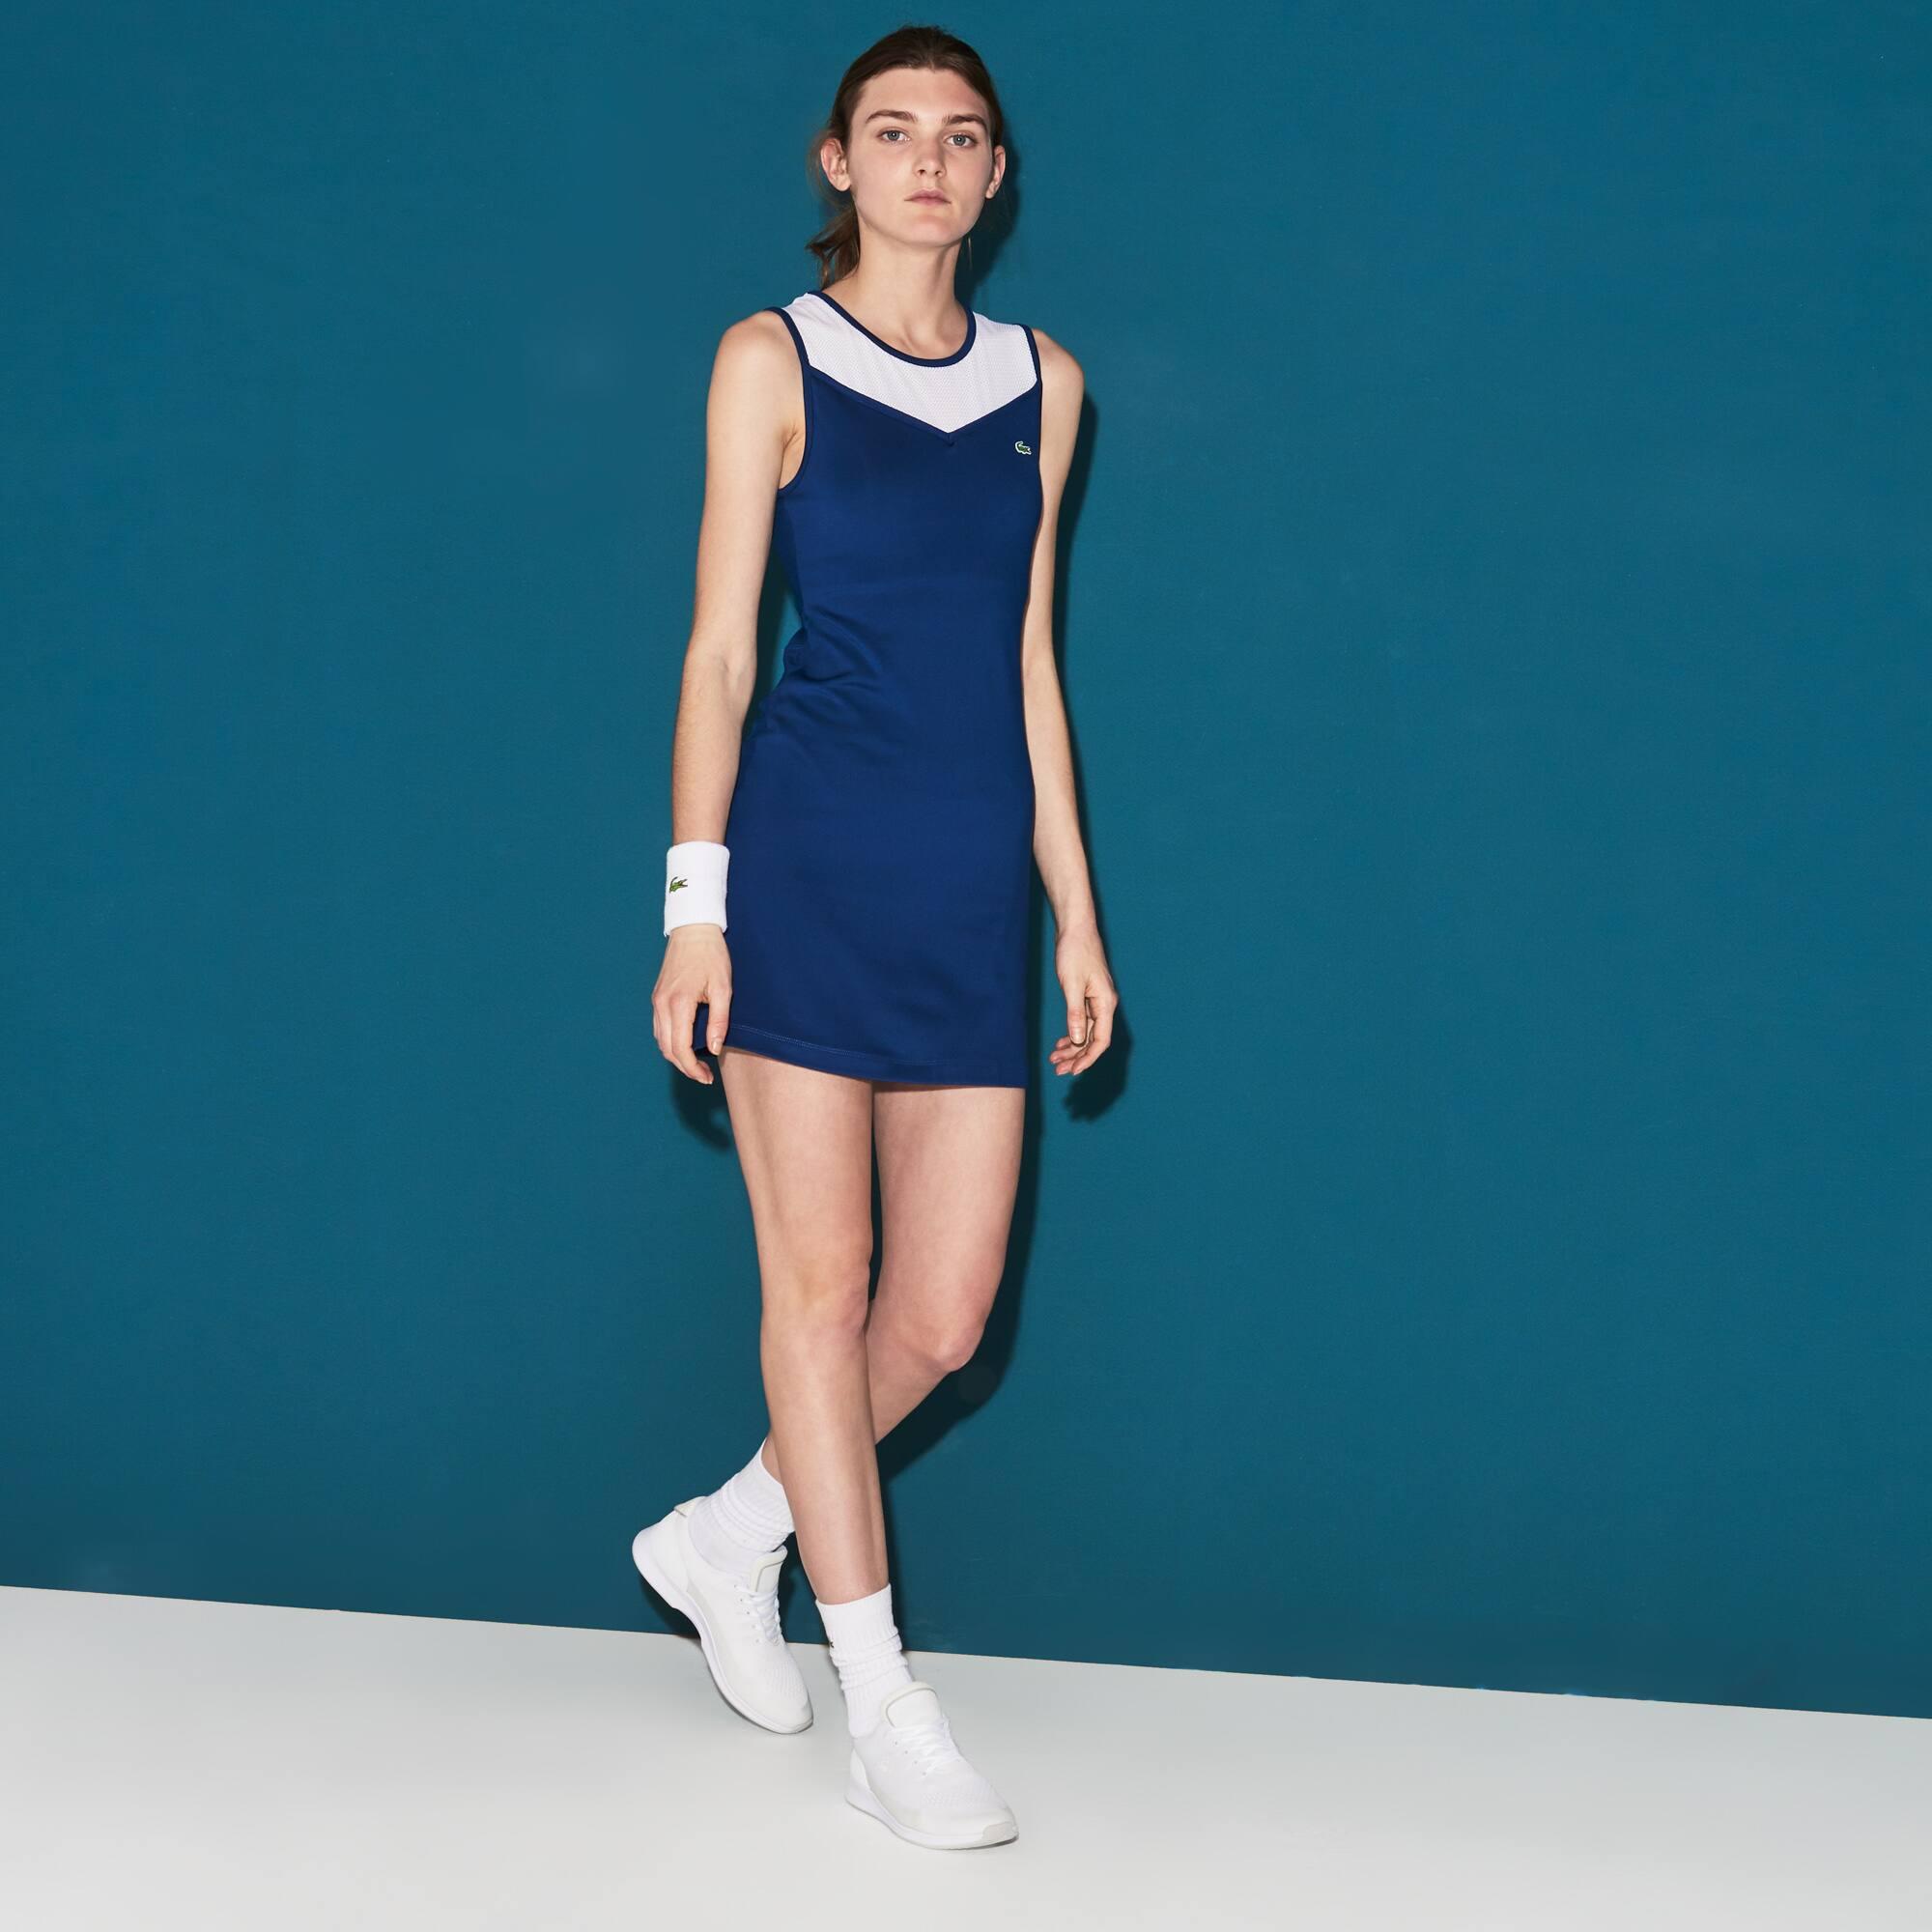 Damen LACOSTE SPORT Racerback-Tenniskleid aus Jersey und Mesh